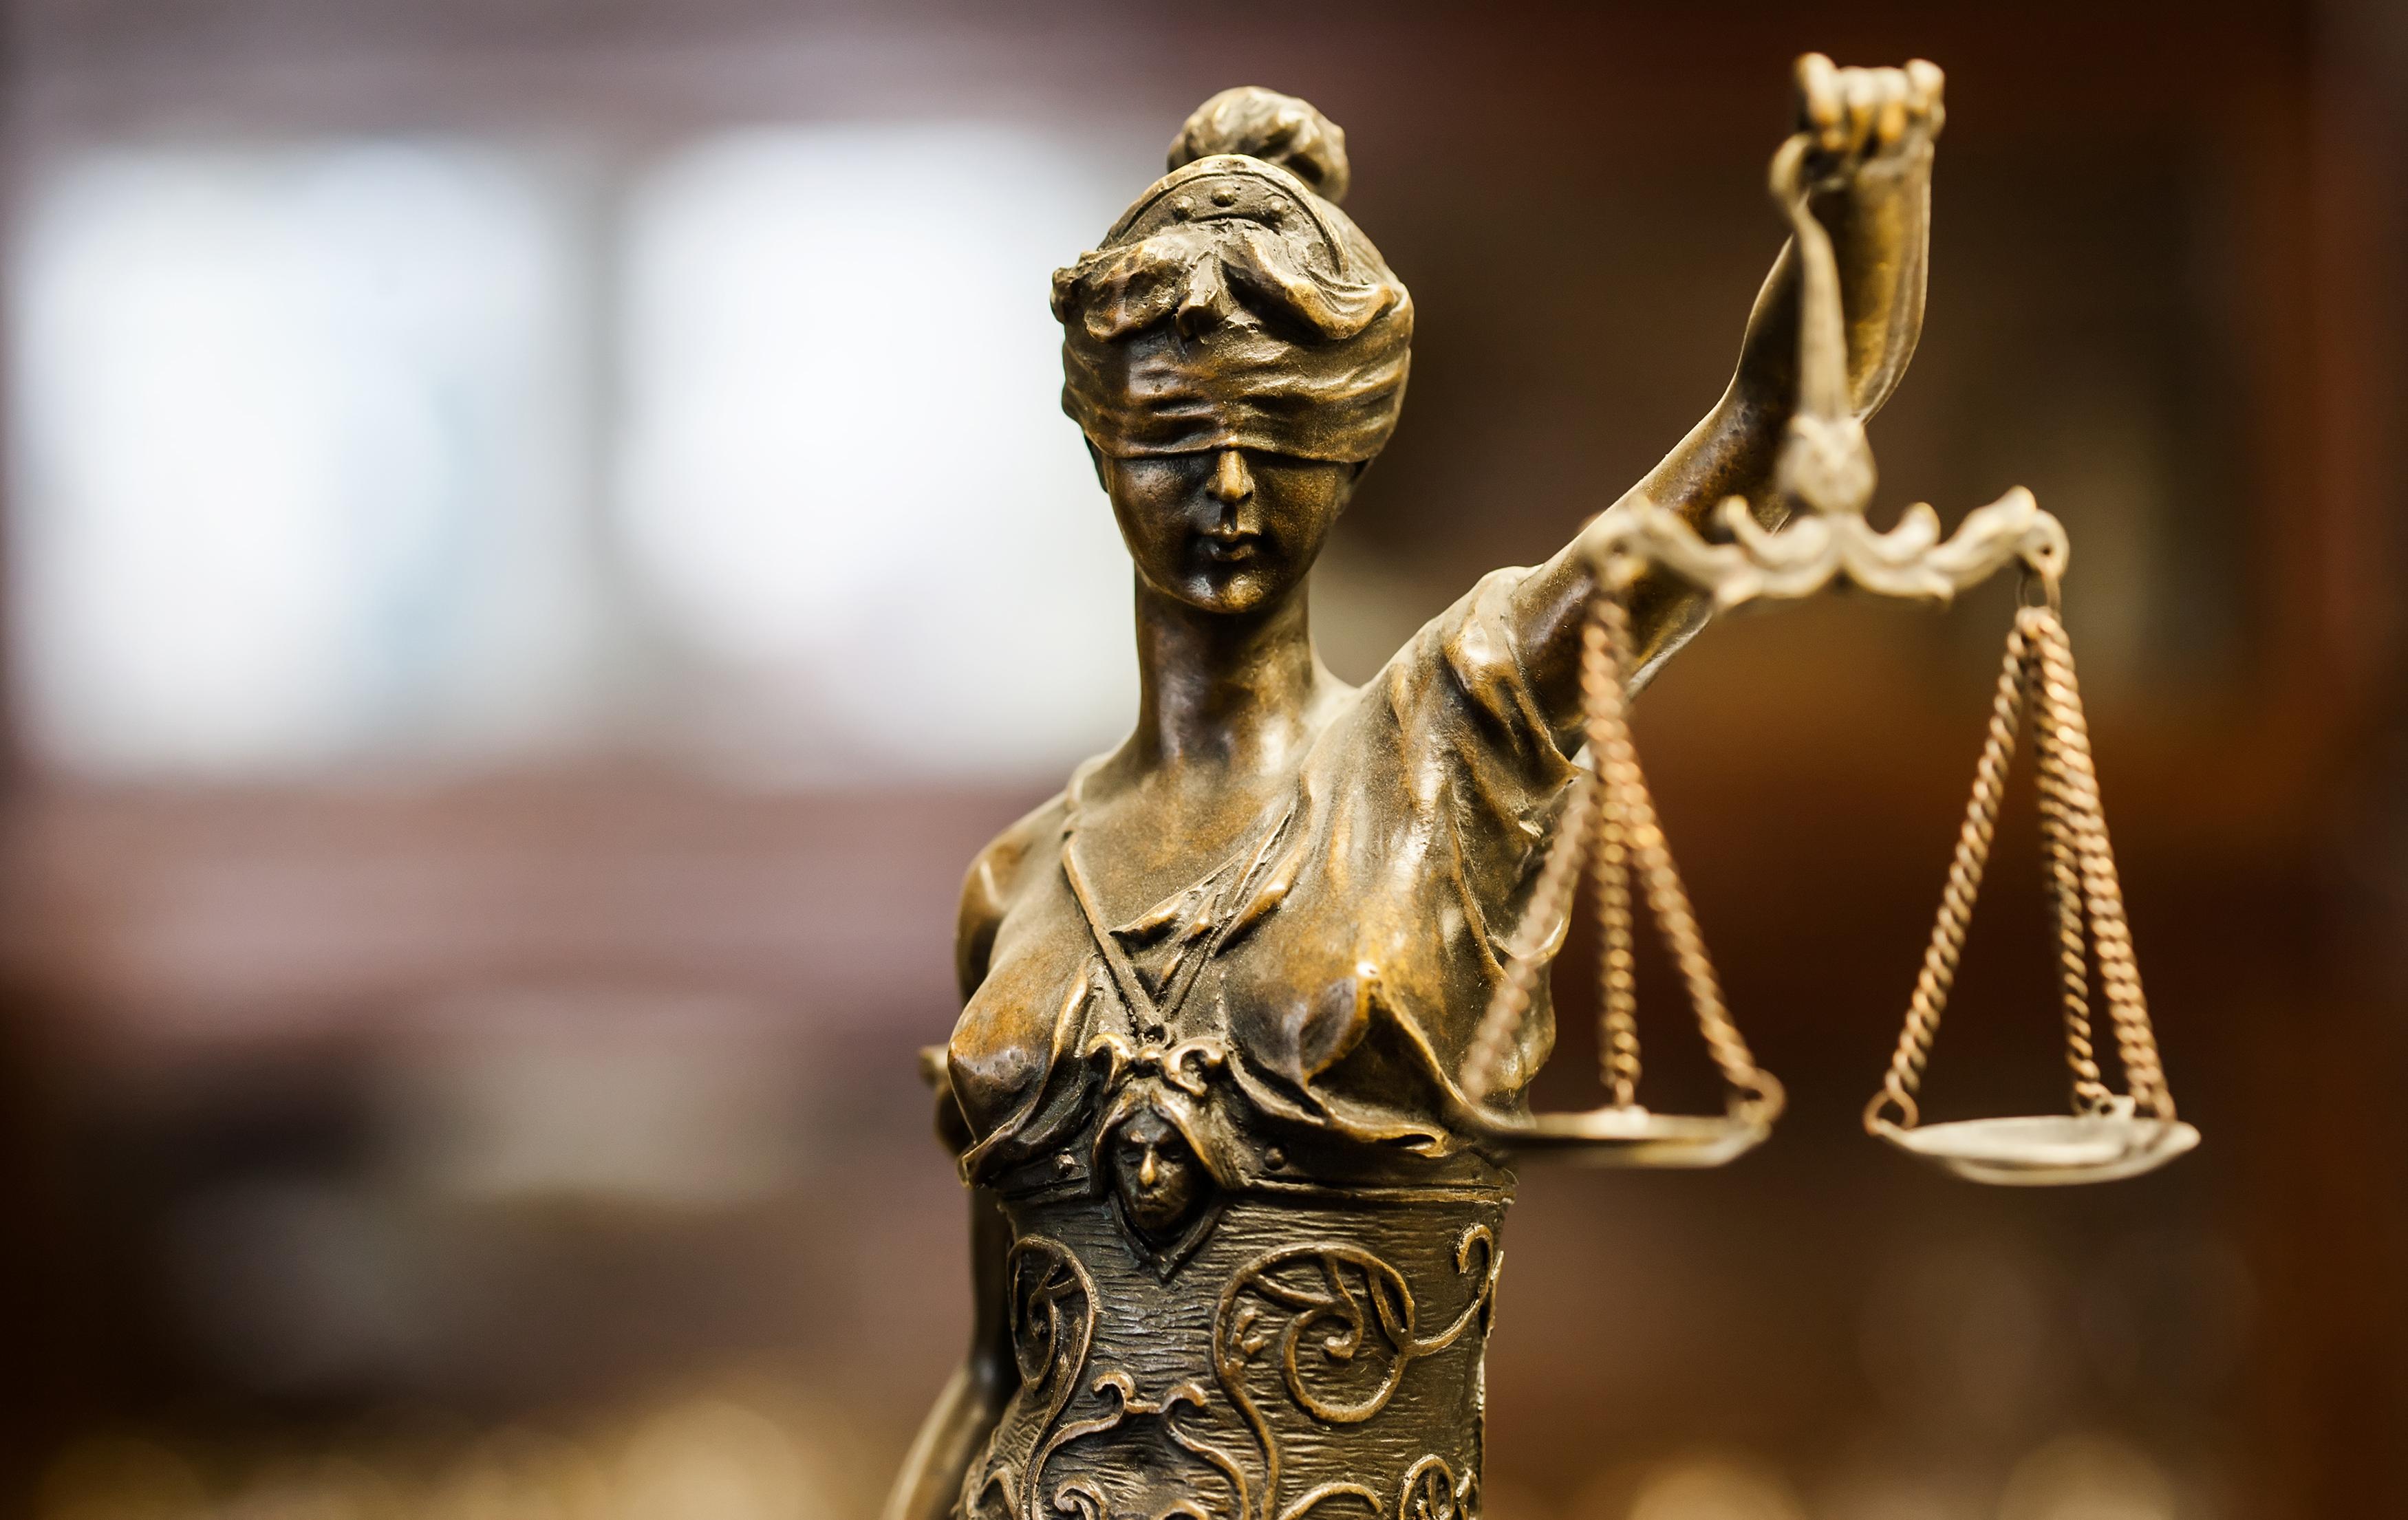 בית המשפט העליון הורה על קיום משפט חוזר לרומן זדורוב